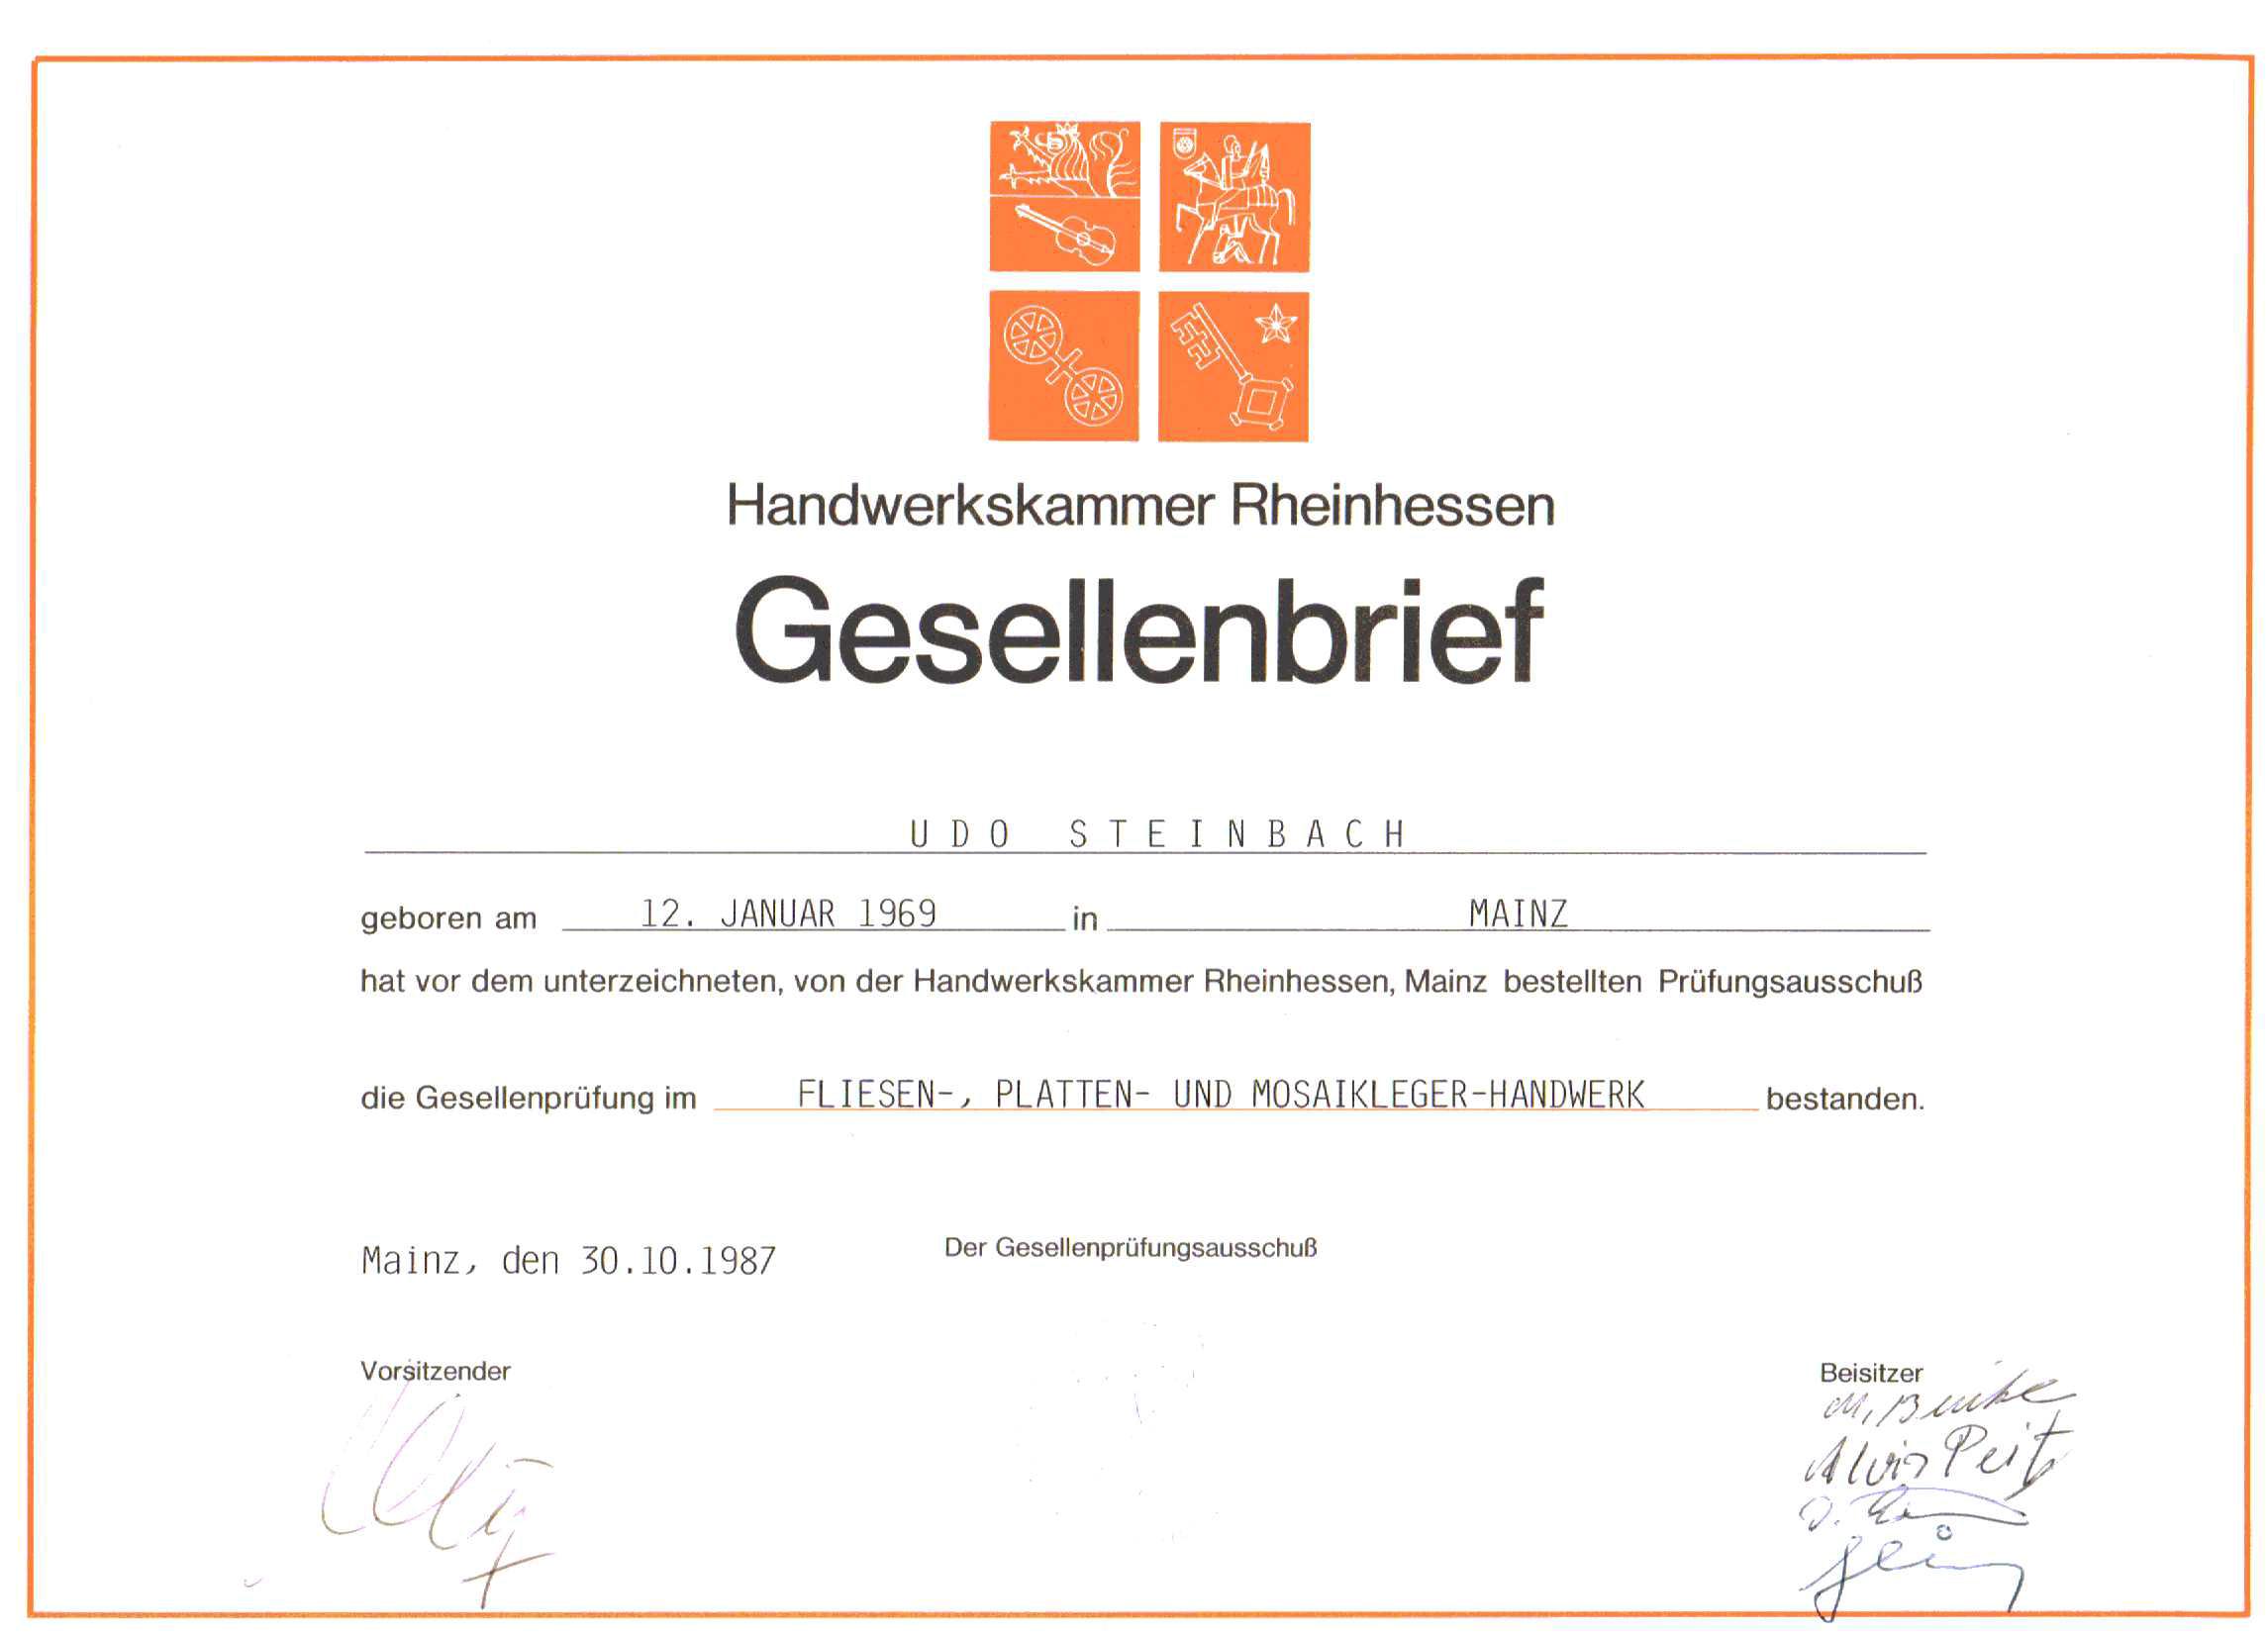 5US-Gesellenbrief